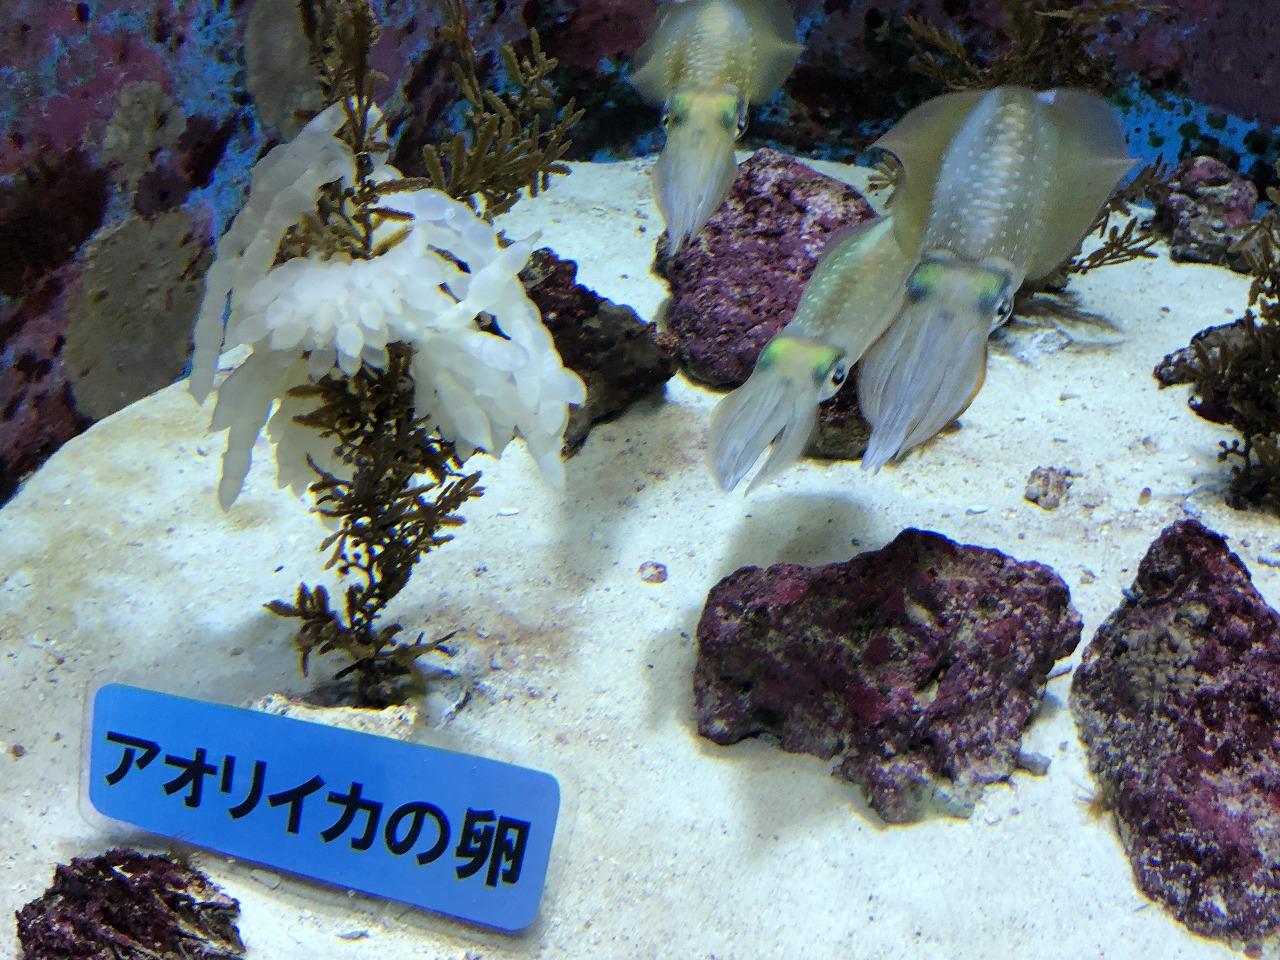 美ら海水族館のアオリイカ